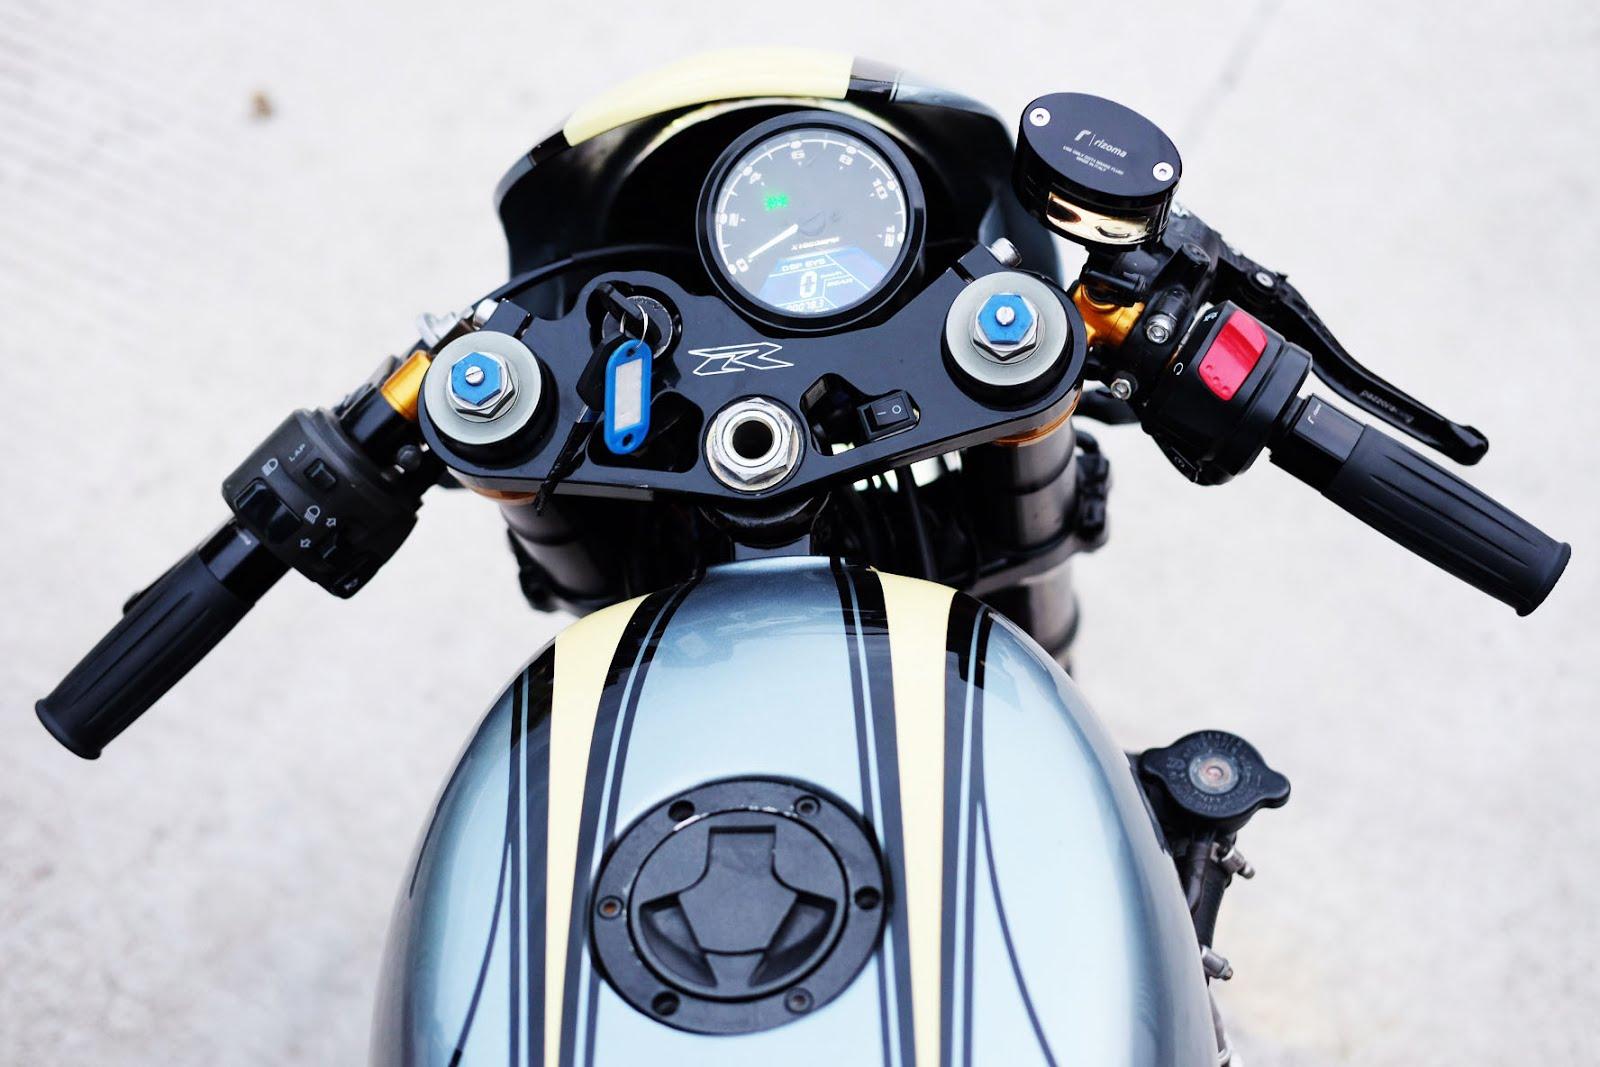 Kawasaki Ninja 250cc Cafe Racer 2